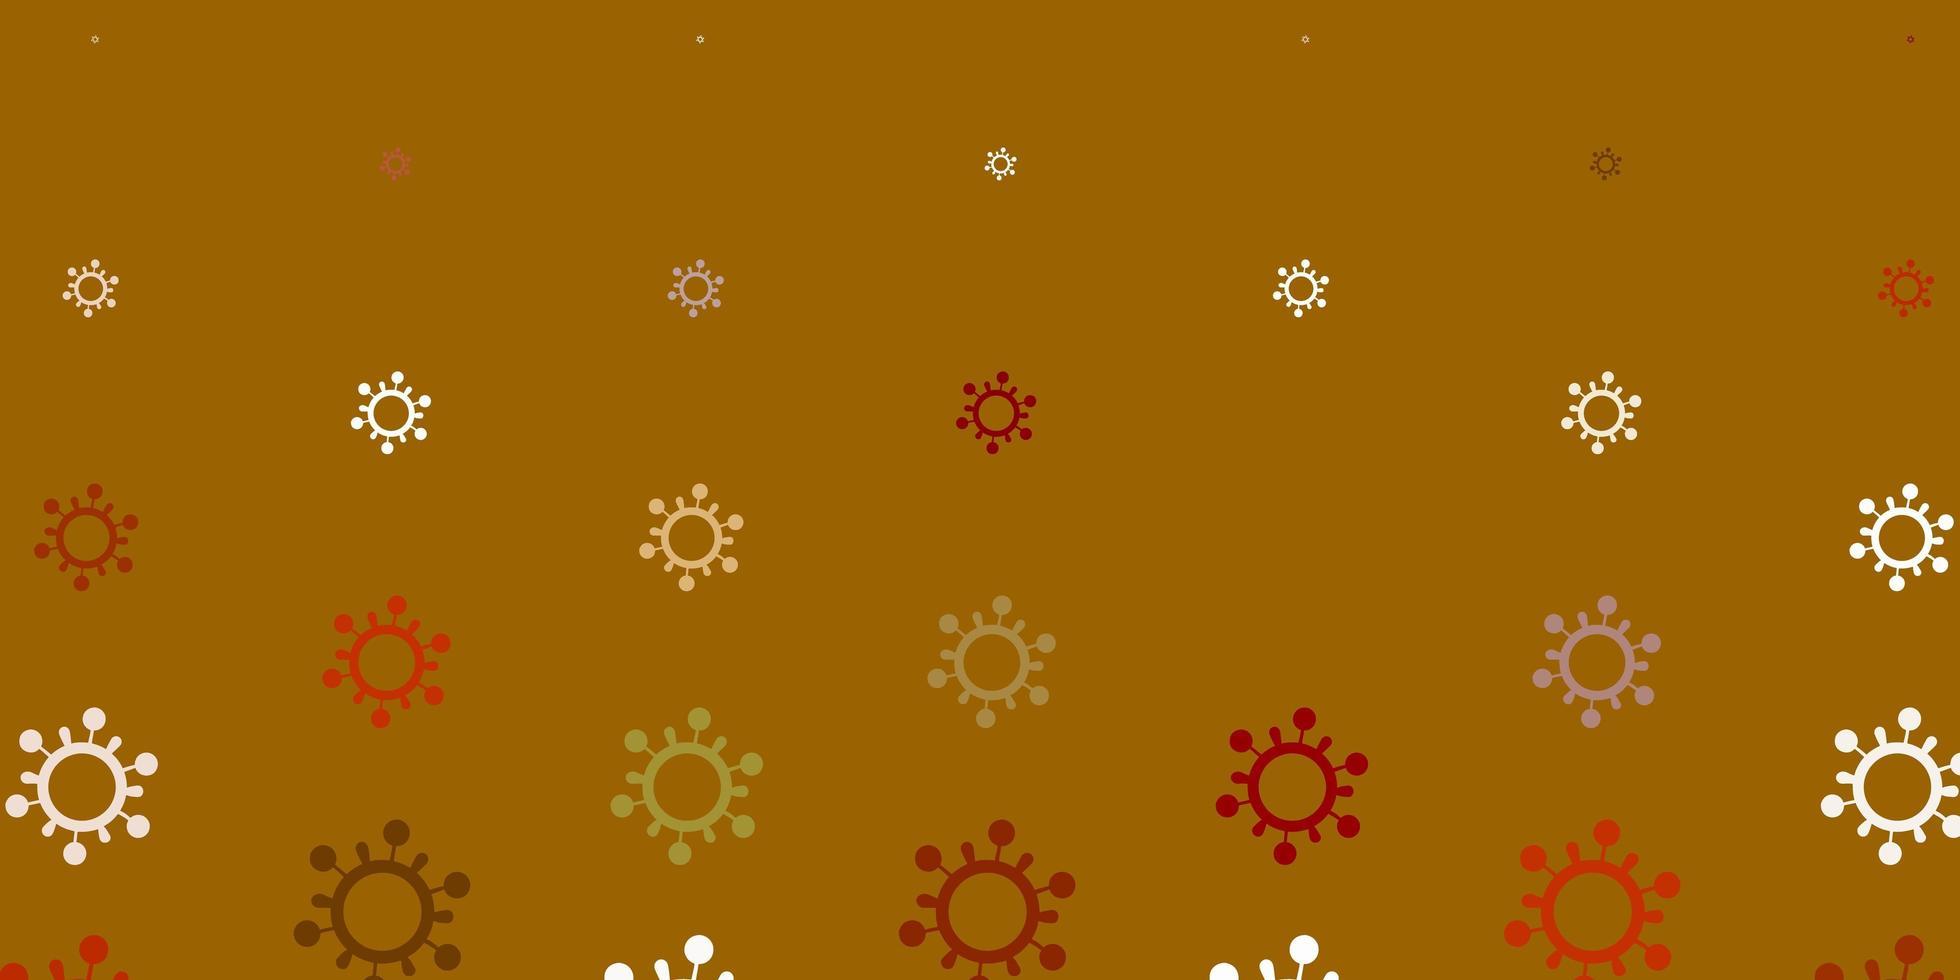 trama rossa, marrone e bianca con simboli di malattia. vettore